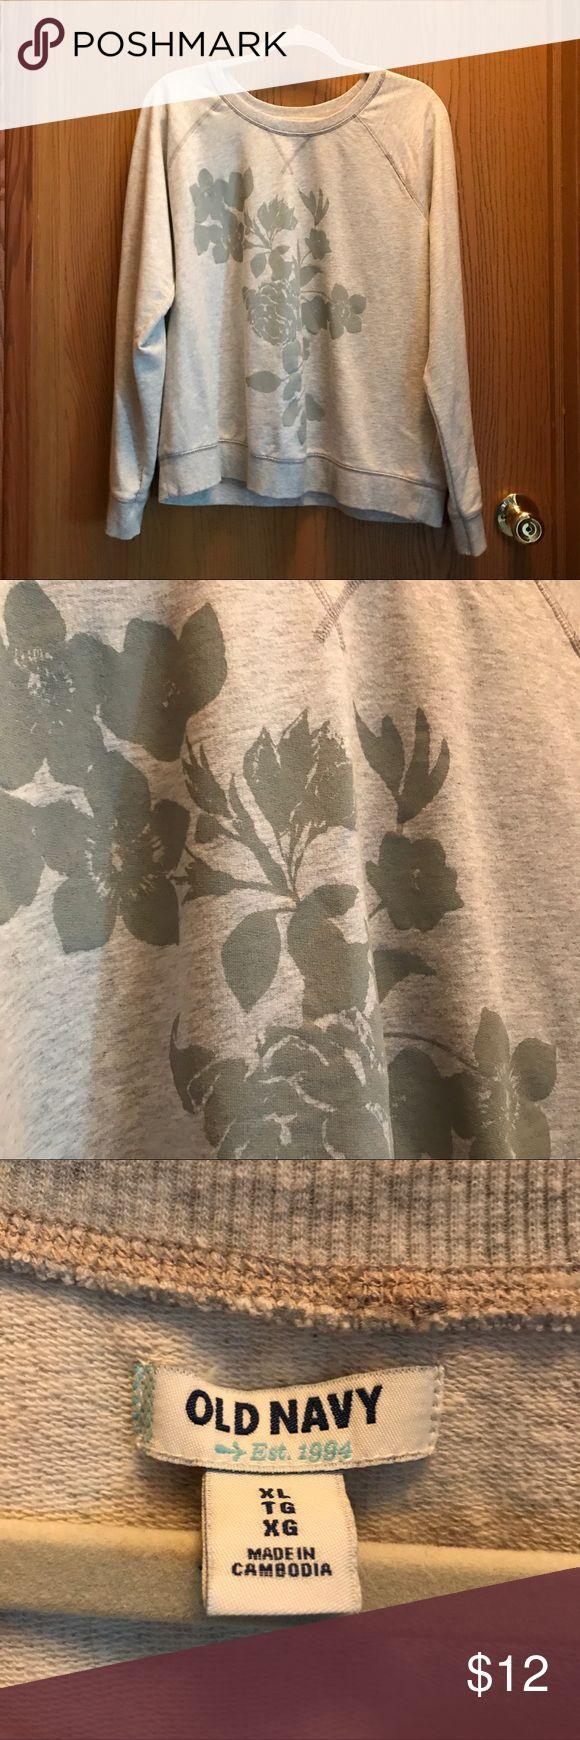 Old Navy Women's Light Sweatshirt Gently used. Lightweight. Excellent condition. Old Navy Tops Sweatshirts & Hoodies